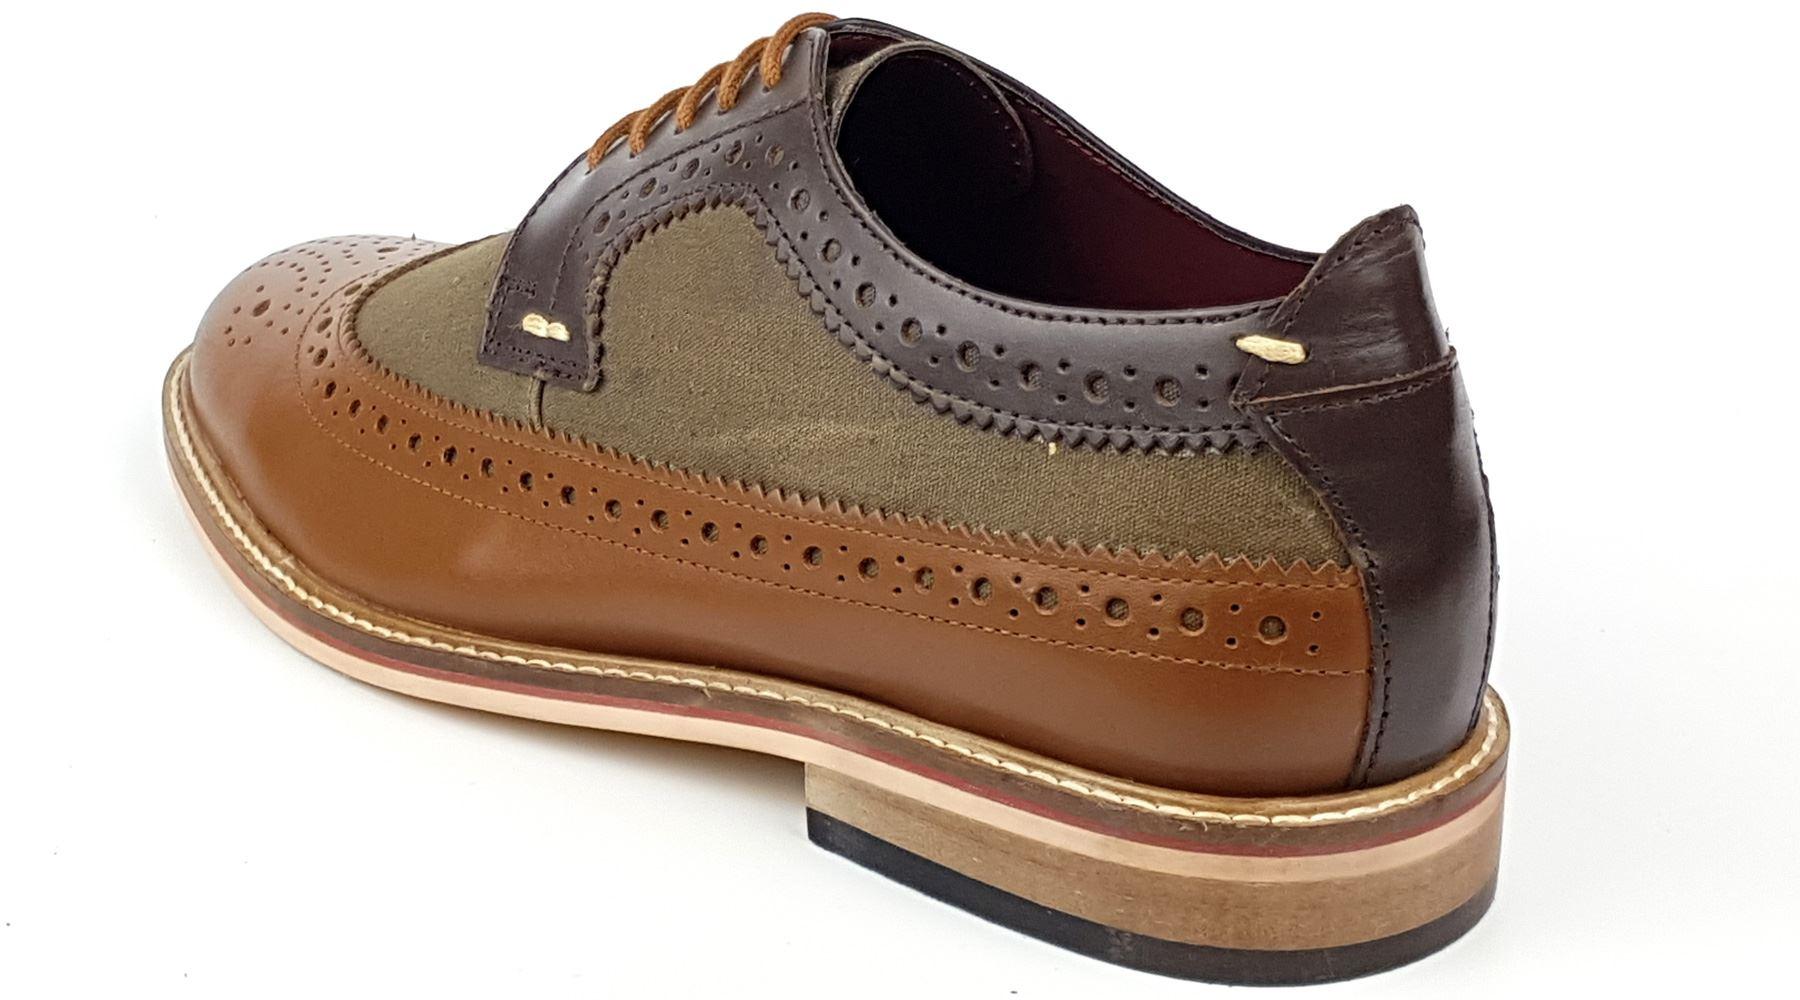 Frank James Lambeth Deux Ton Lacet Richelieu Chaussures